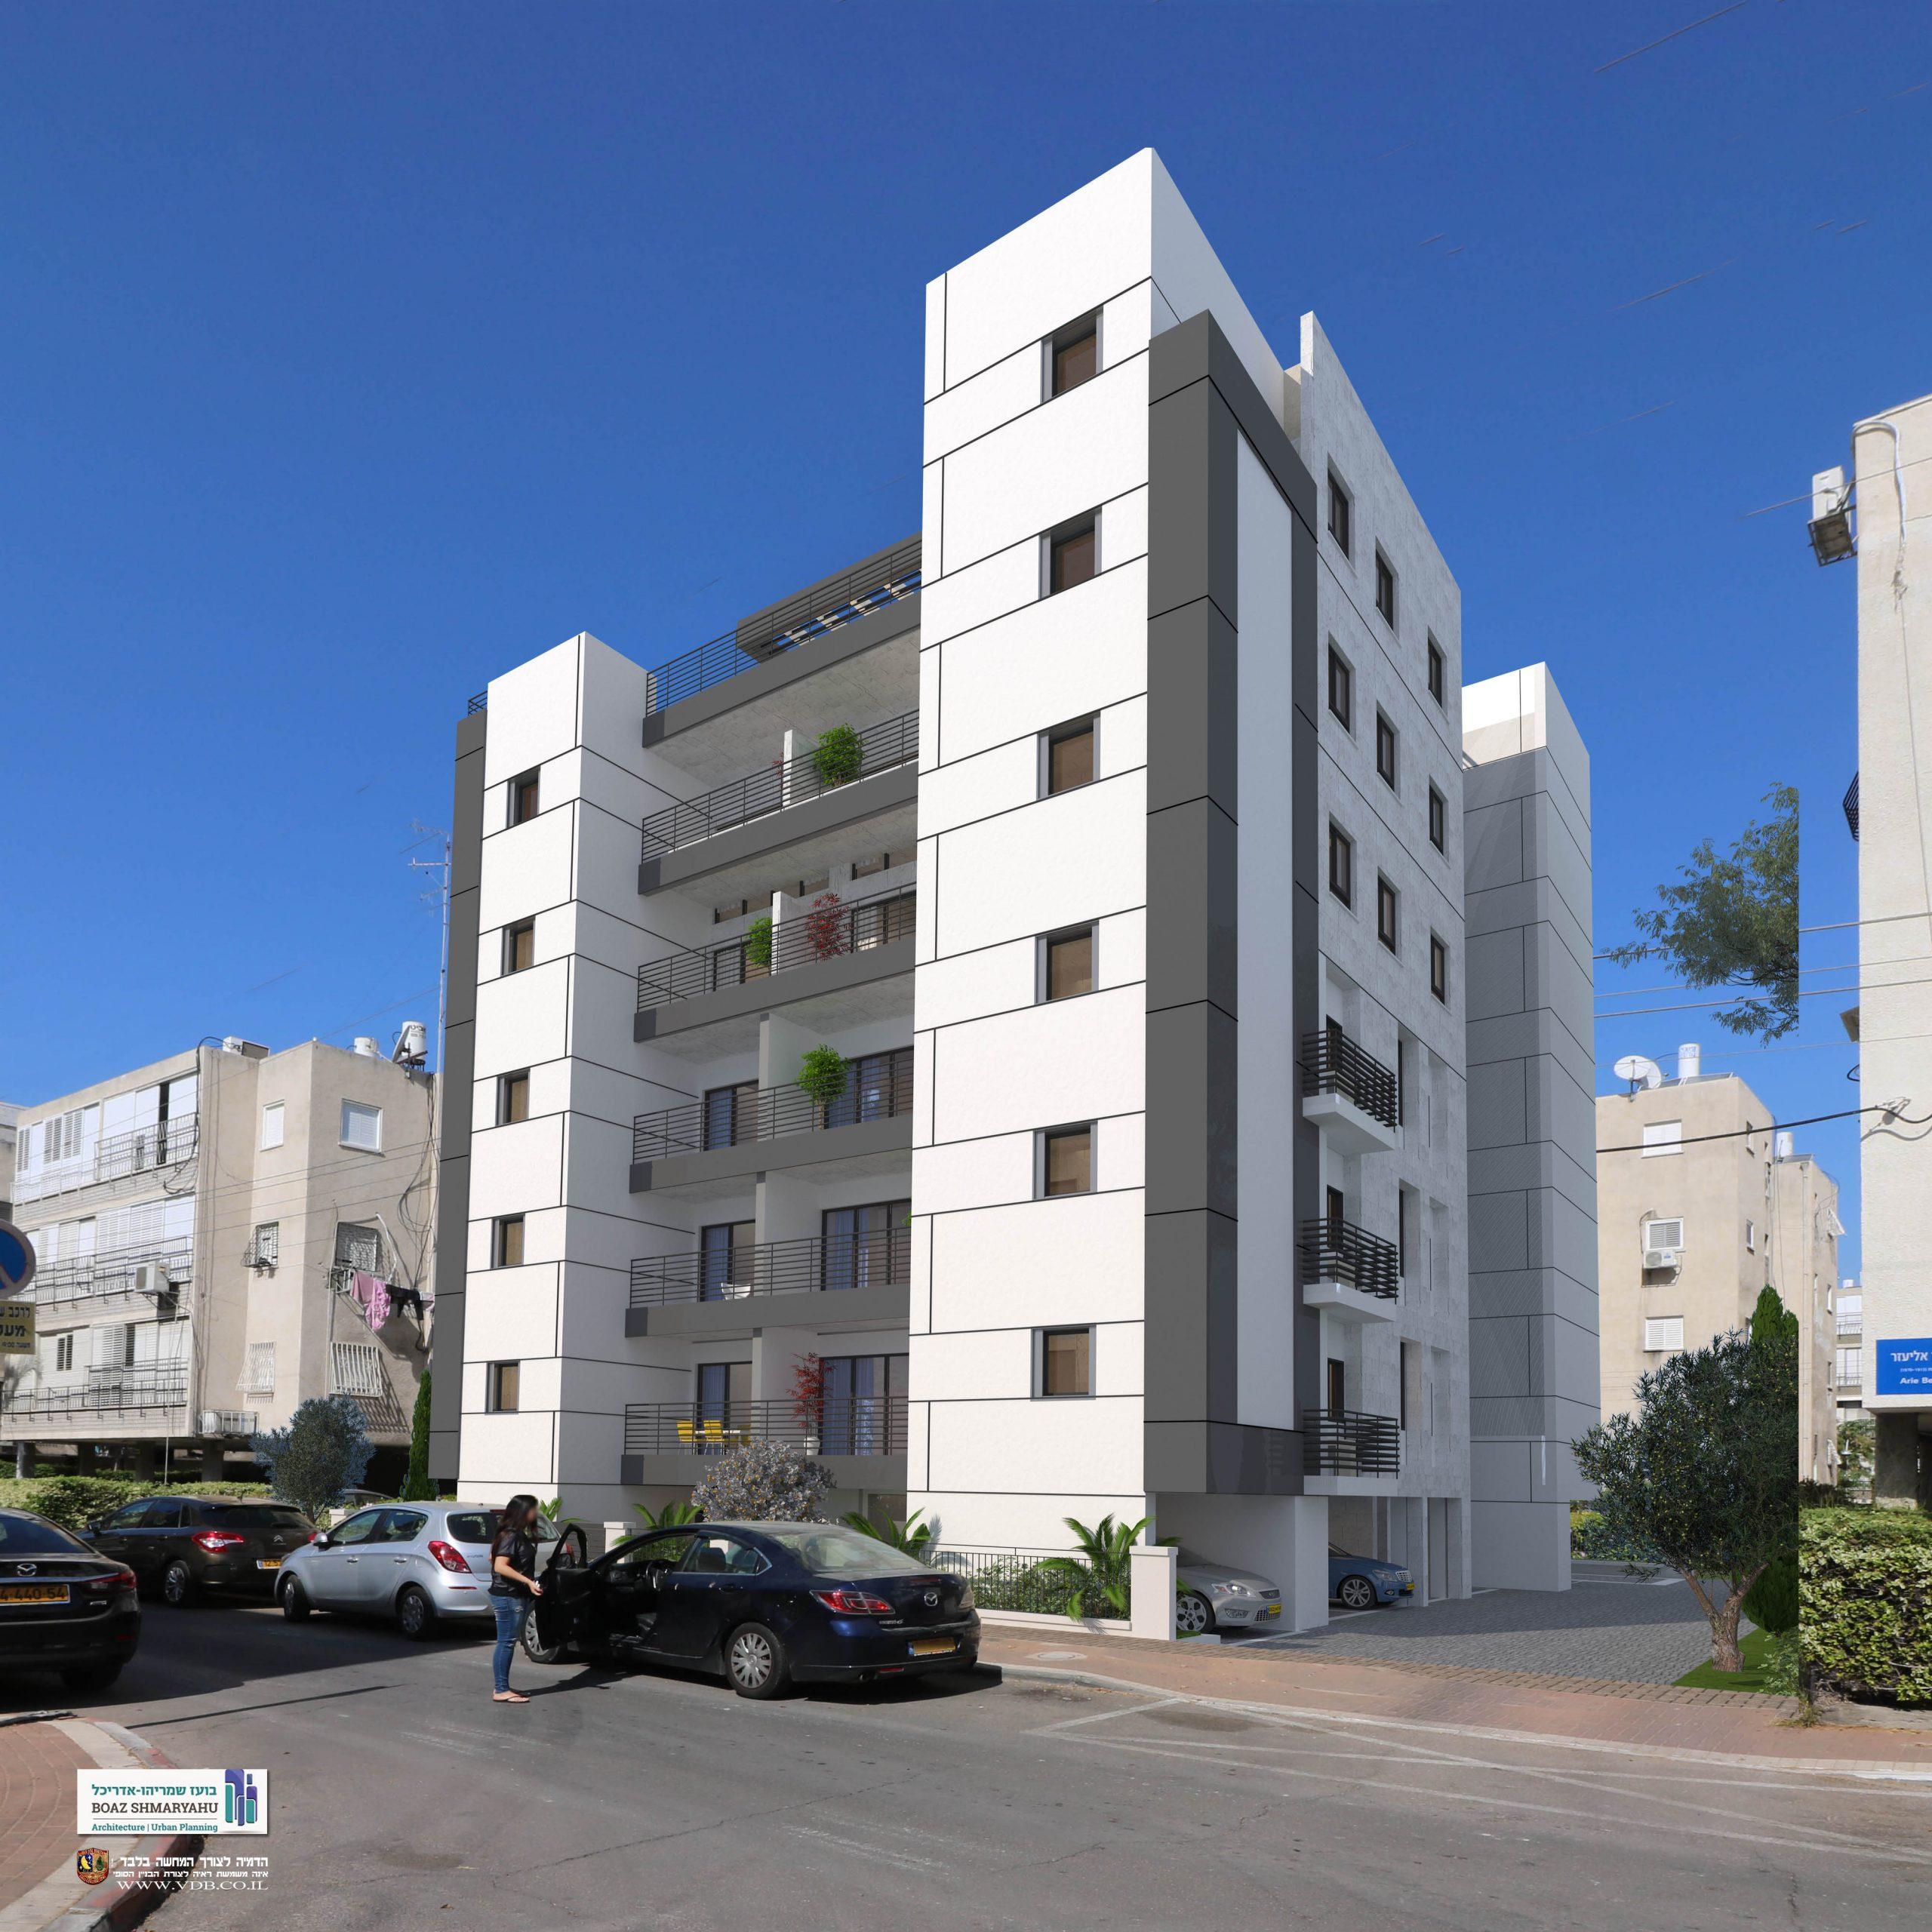 המכירה בקרוב. בשכנות לבן אליעזר 12 המתחדש אף הוא, יתחדש ויחוזק הבניין עם 17 דירות באחד המיקומים המרכזיים והשקטים בעיר